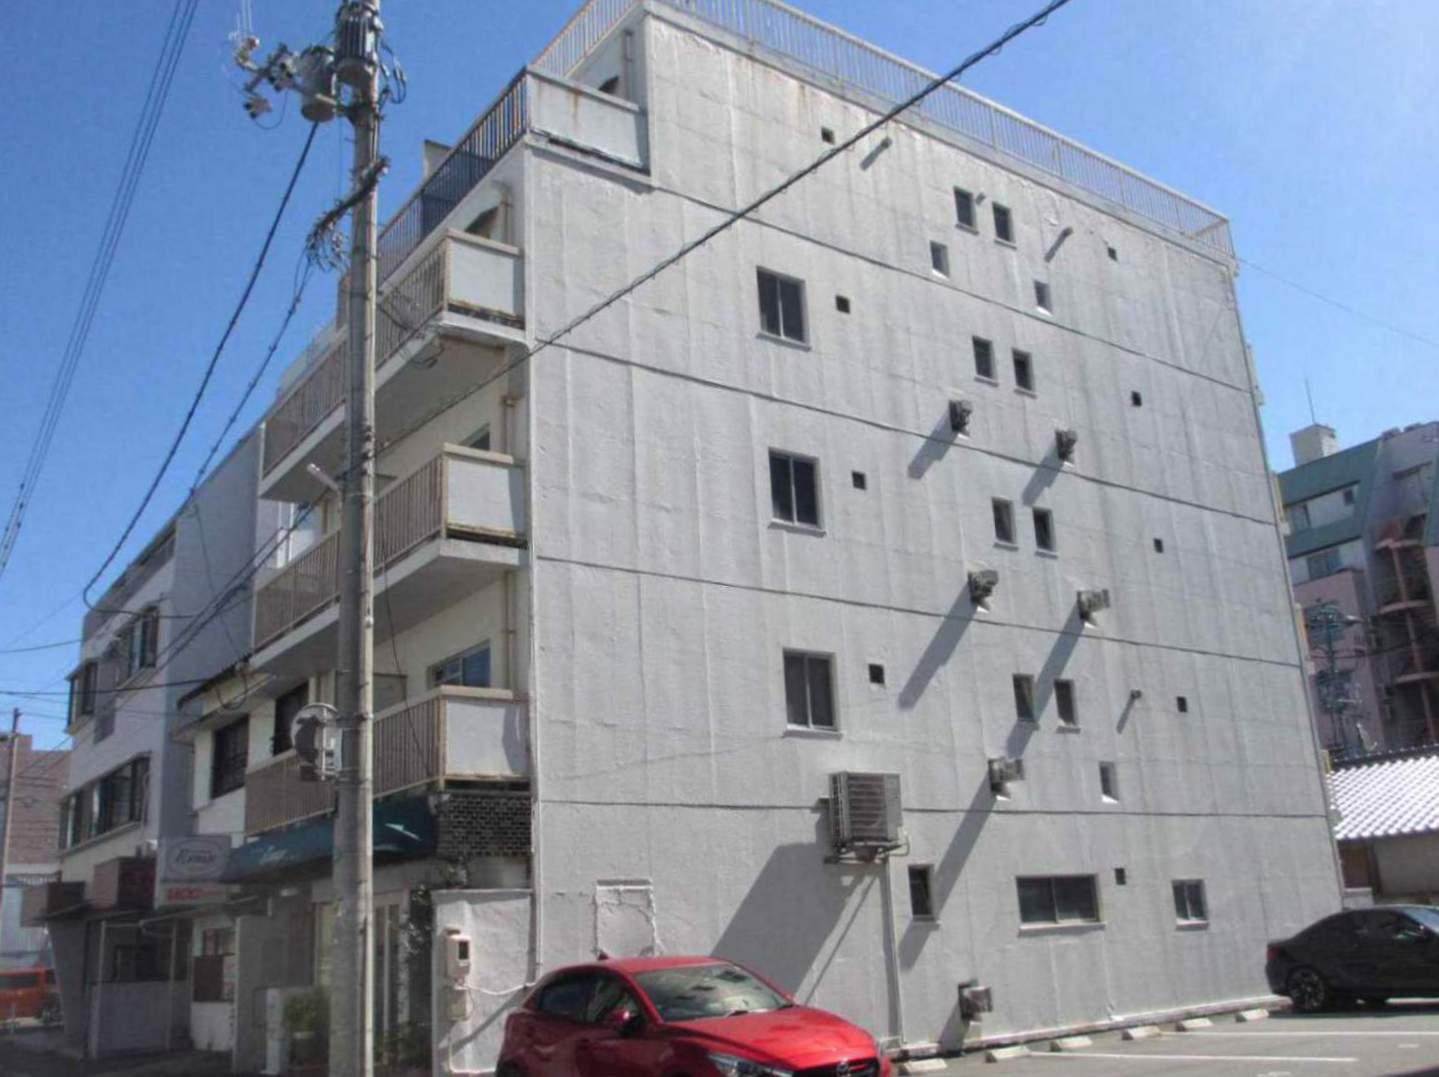 岡山県岡山市北区、岡山駅徒歩15分の築43年 6階建の賃貸マンション